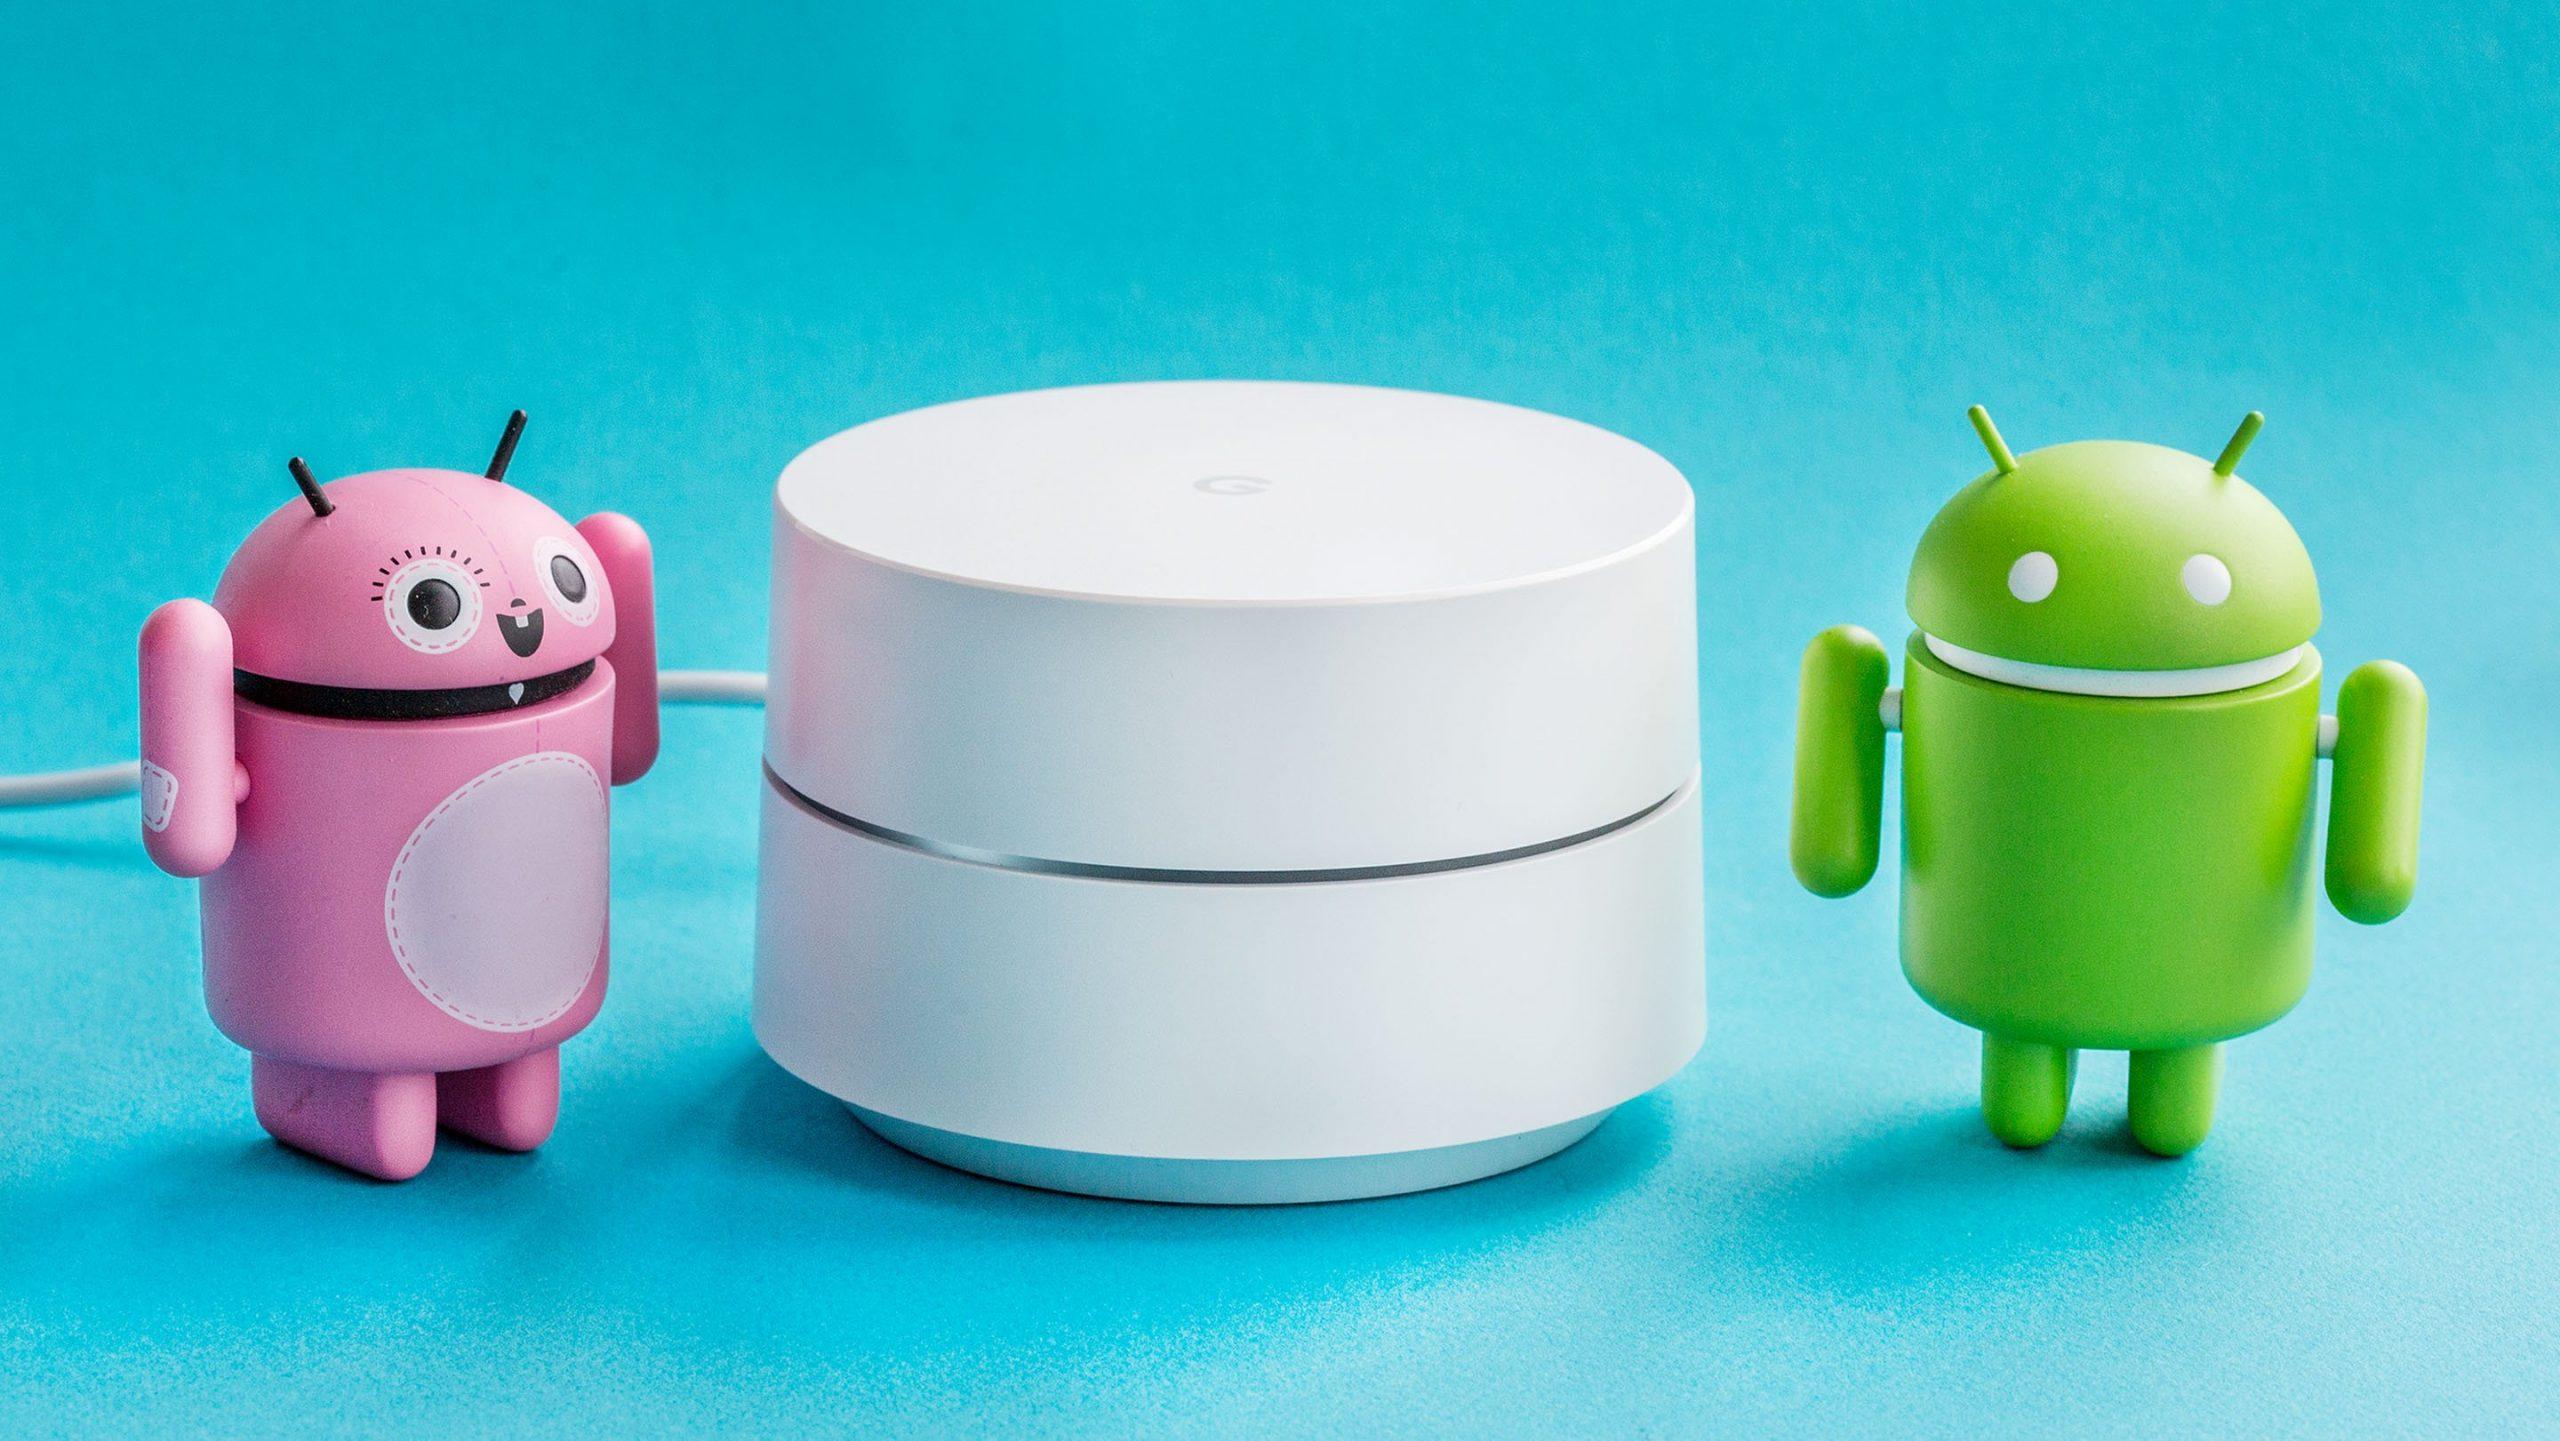 Kuidas faile Androidist arvutisse WiFi kaudu üle kanda